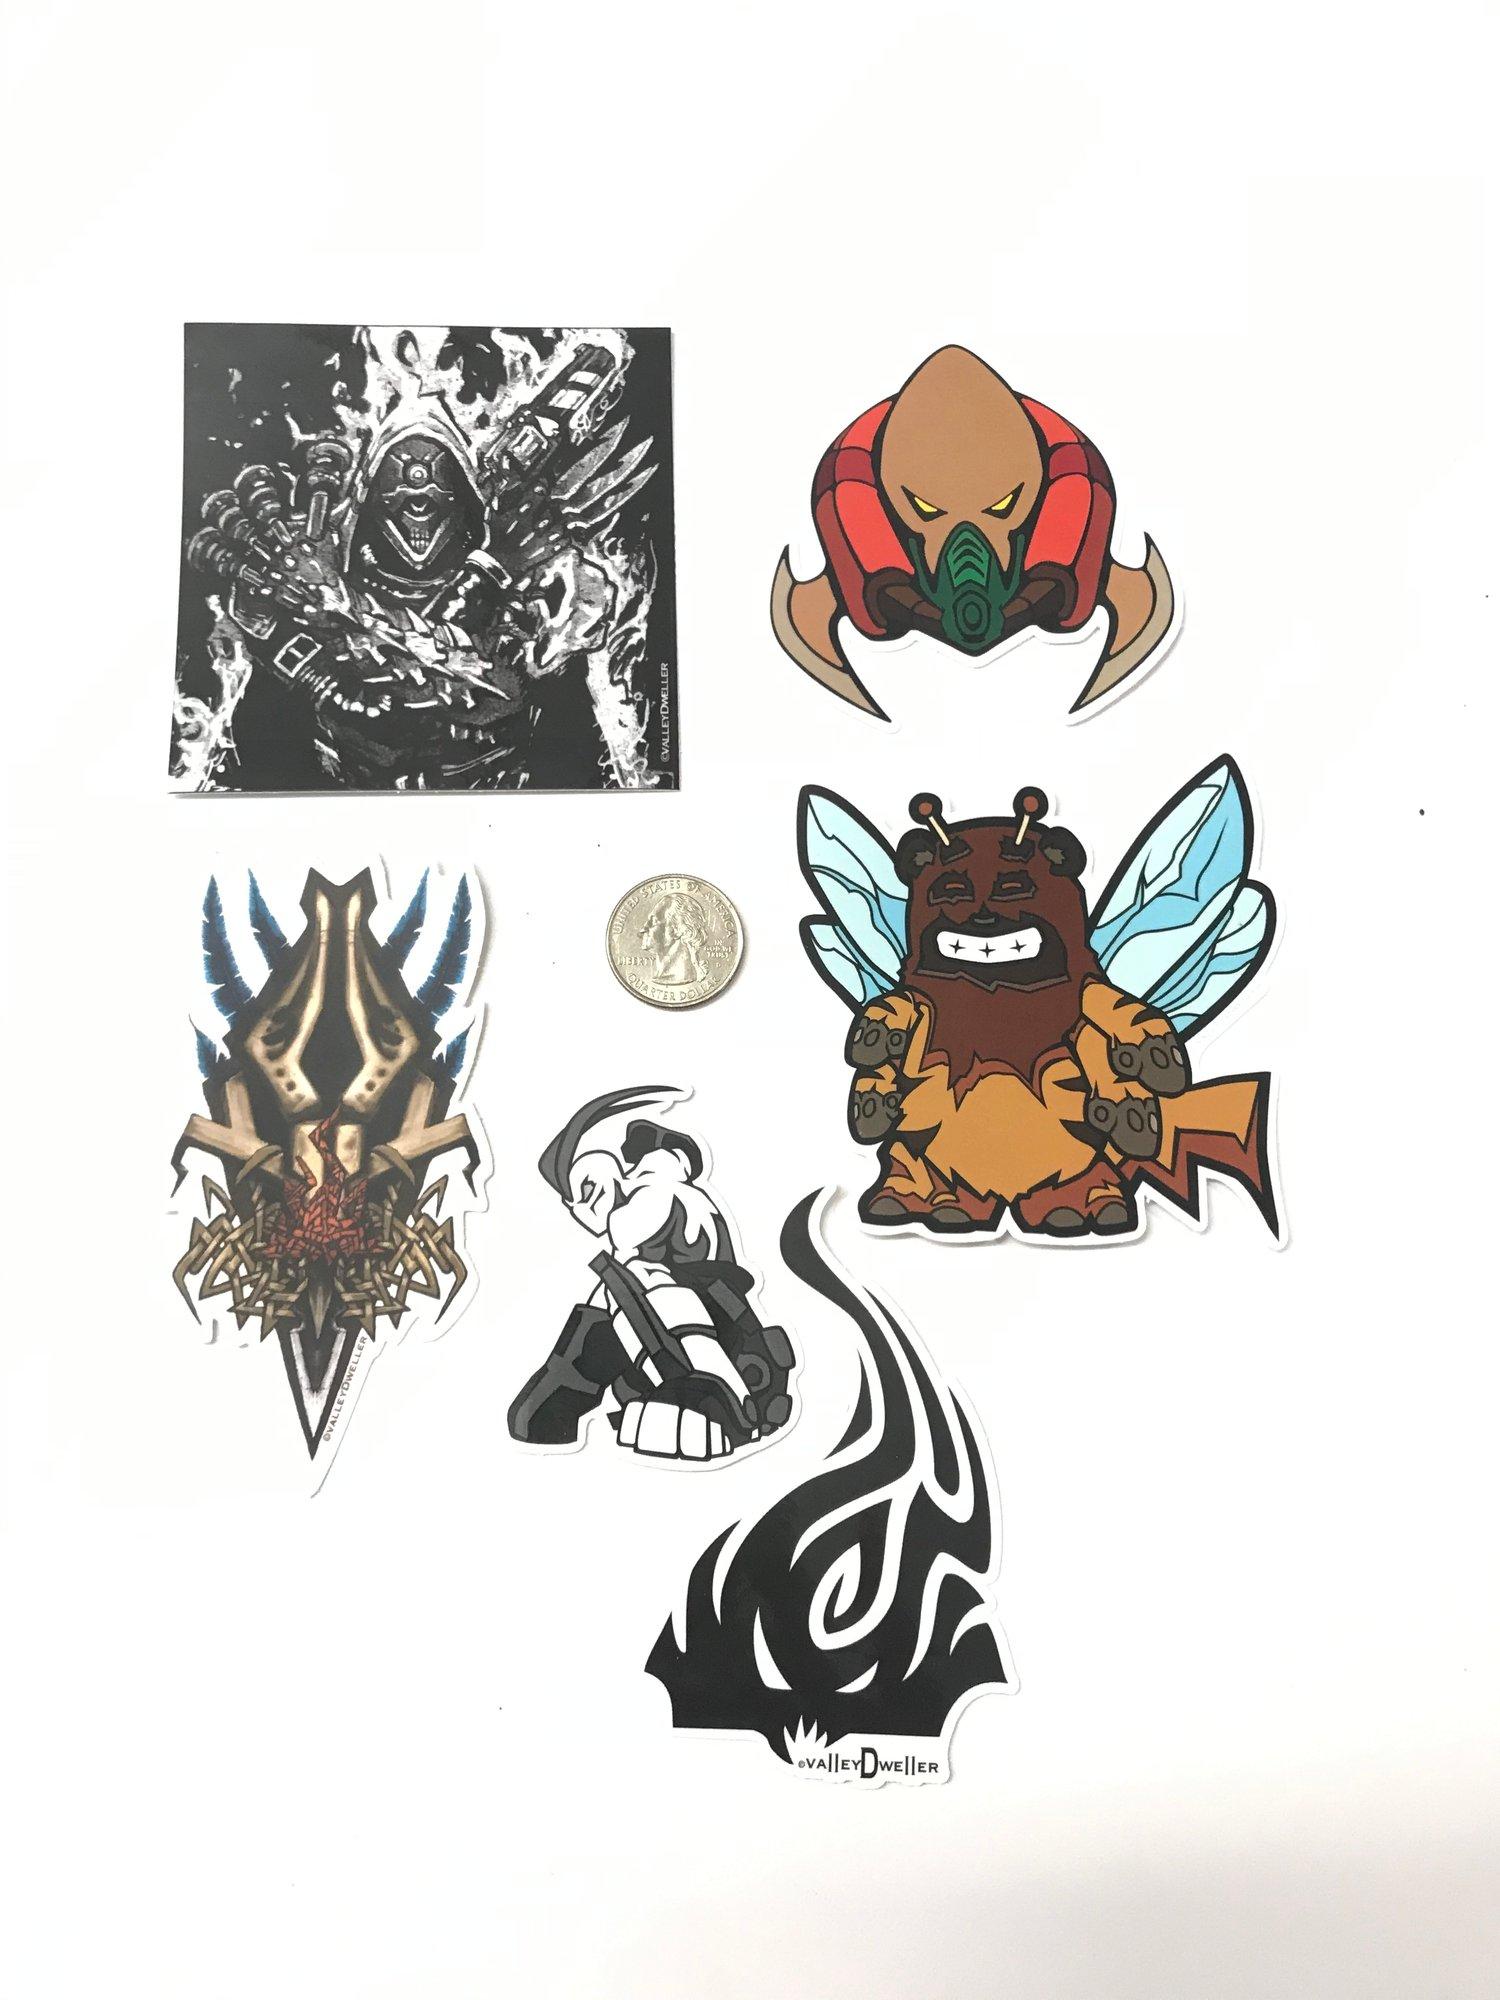 valleyDweller stickers